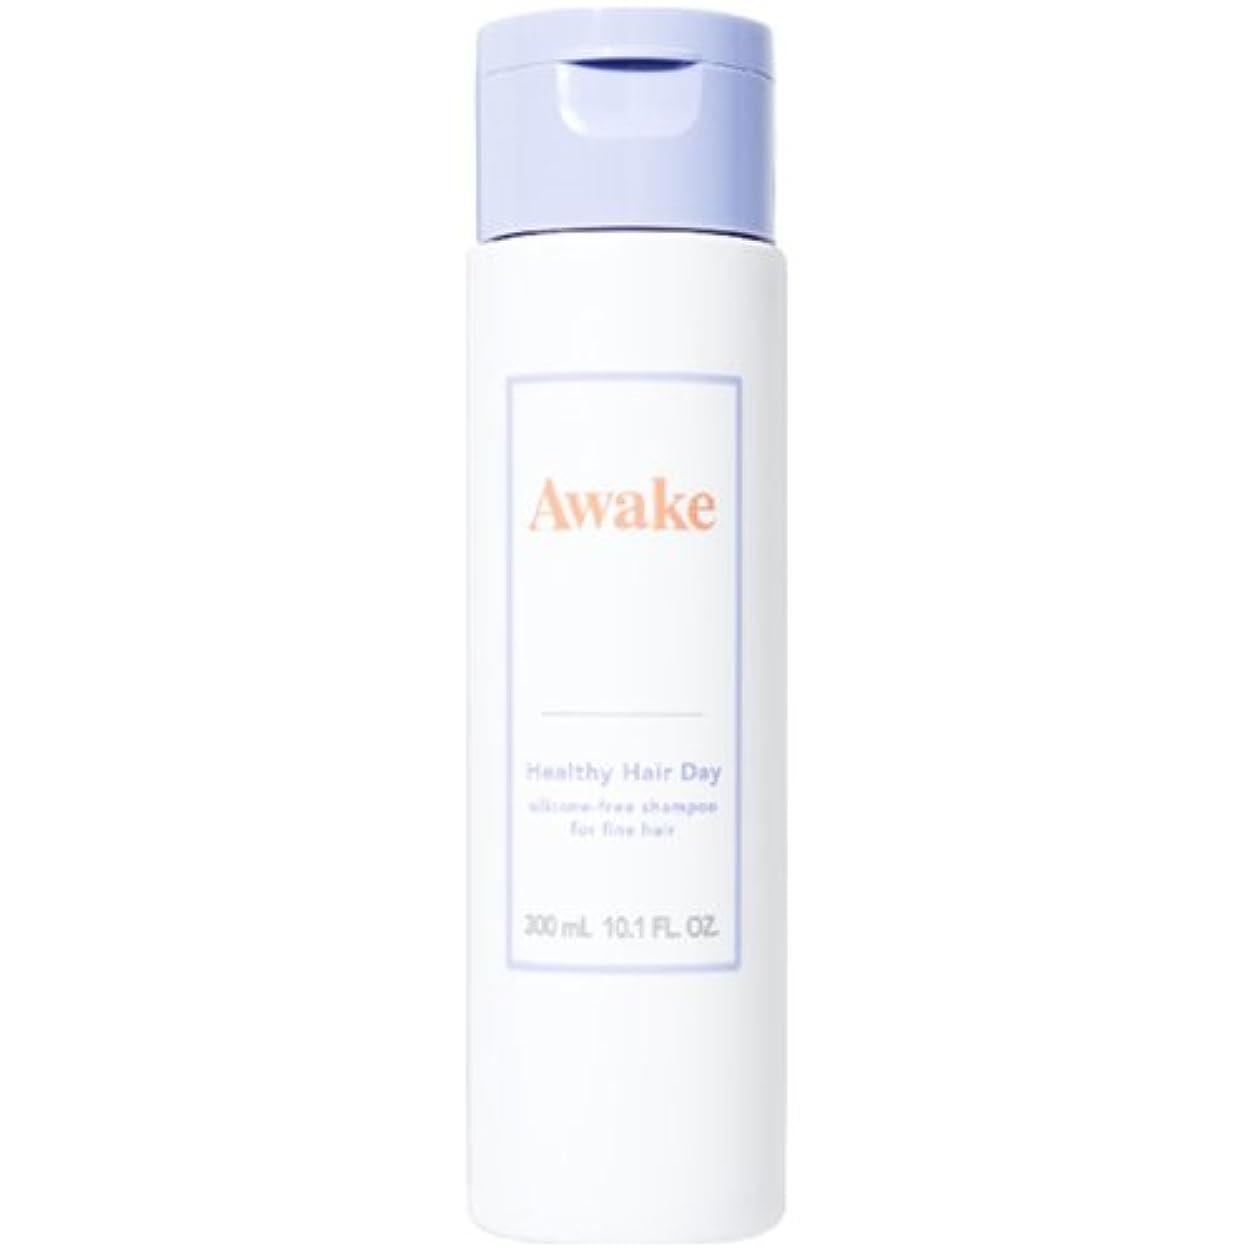 勇敢な接続詞周波数アウェイク(AWAKE) Awake(アウェイク) ヘルシーヘアデイ シリコーンフリー ヘアシャンプー ハリコシアップヘア用 (300mL)